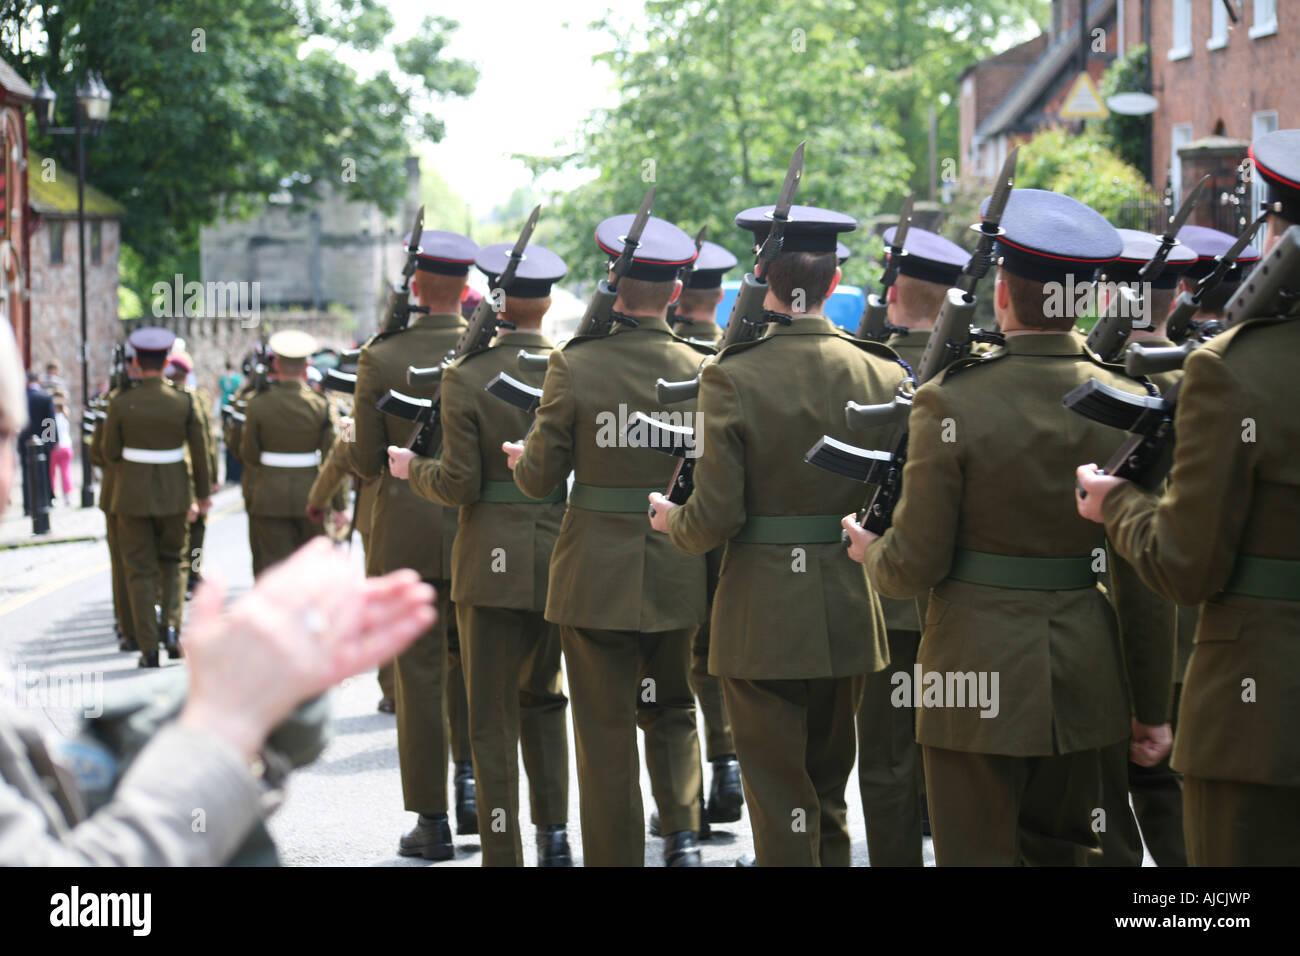 Soldaten marschieren in Parade wird applaudiert 002 Stockbild